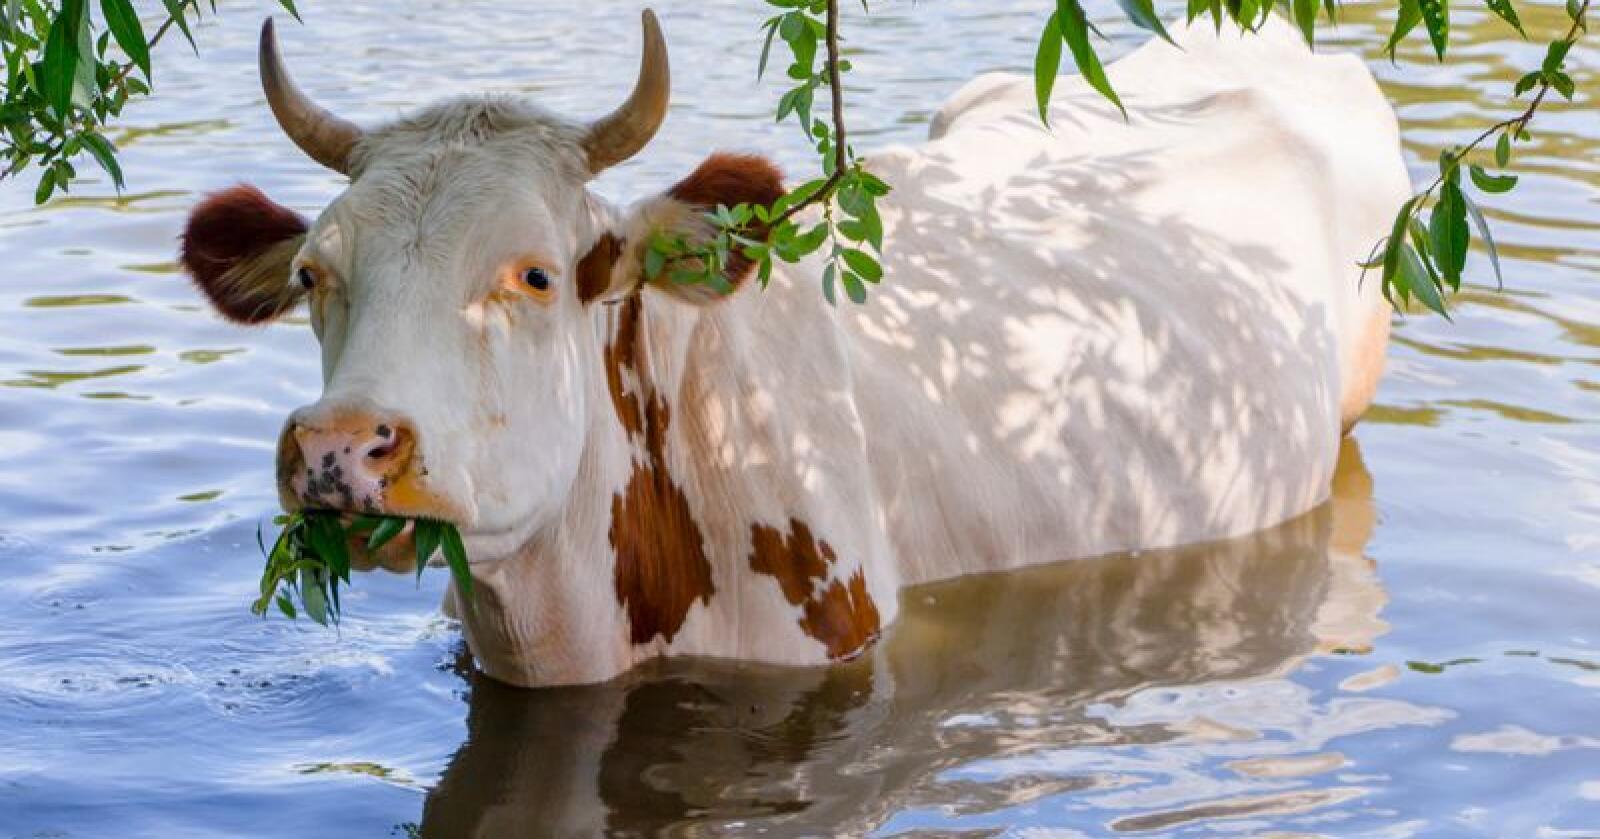 Å kombinere måltidet med et avkjølende bad står nok på noen dyrs ønskeliste denne sommeren. Foto: Illustrasjonsfoto: Mostphotos.